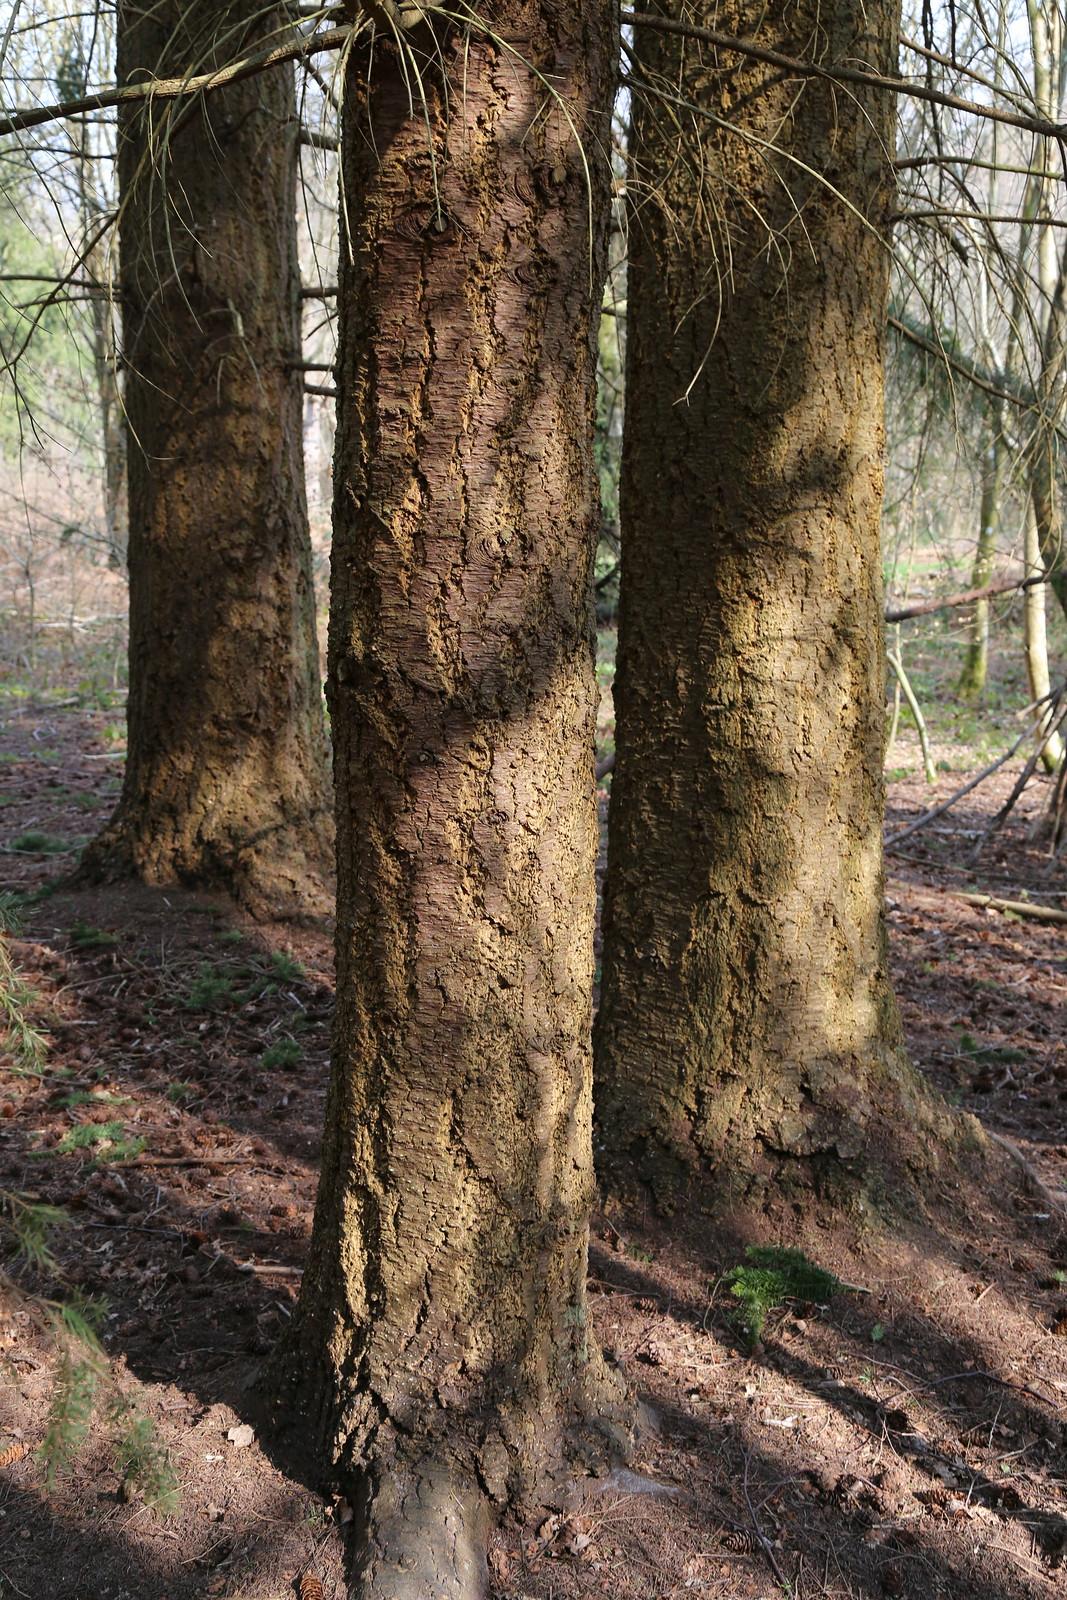 Douglas fir bark - near Eridge